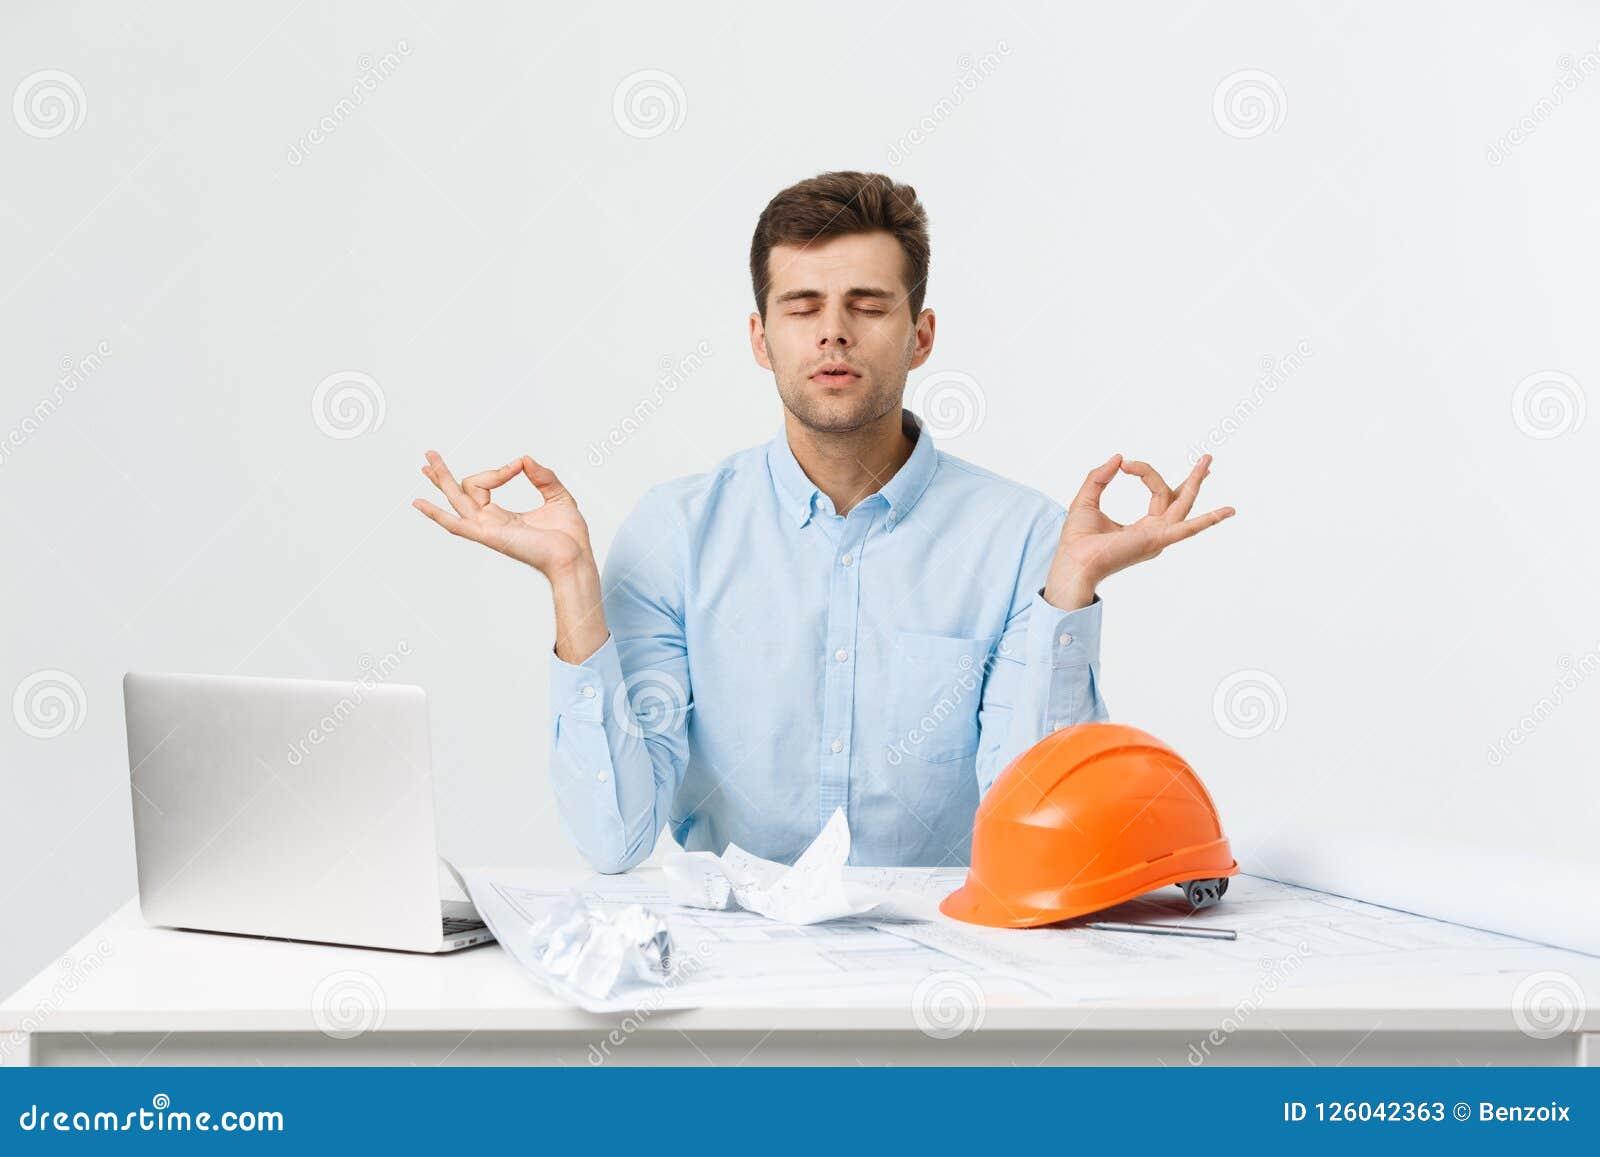 Den unga stiliga tekniker- eller konstruktörmannen i blått passar övningsyoga och kopplar av på kontorsrum